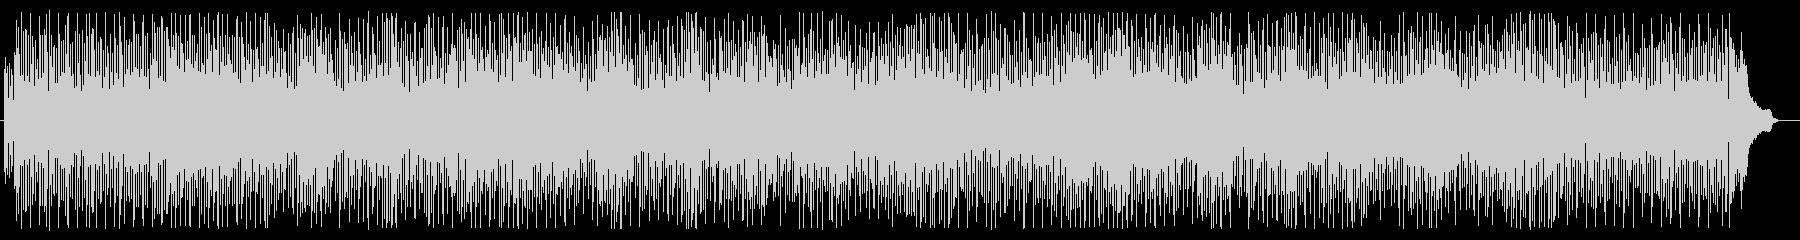 軽快で楽しくなるアップテンポな曲の未再生の波形